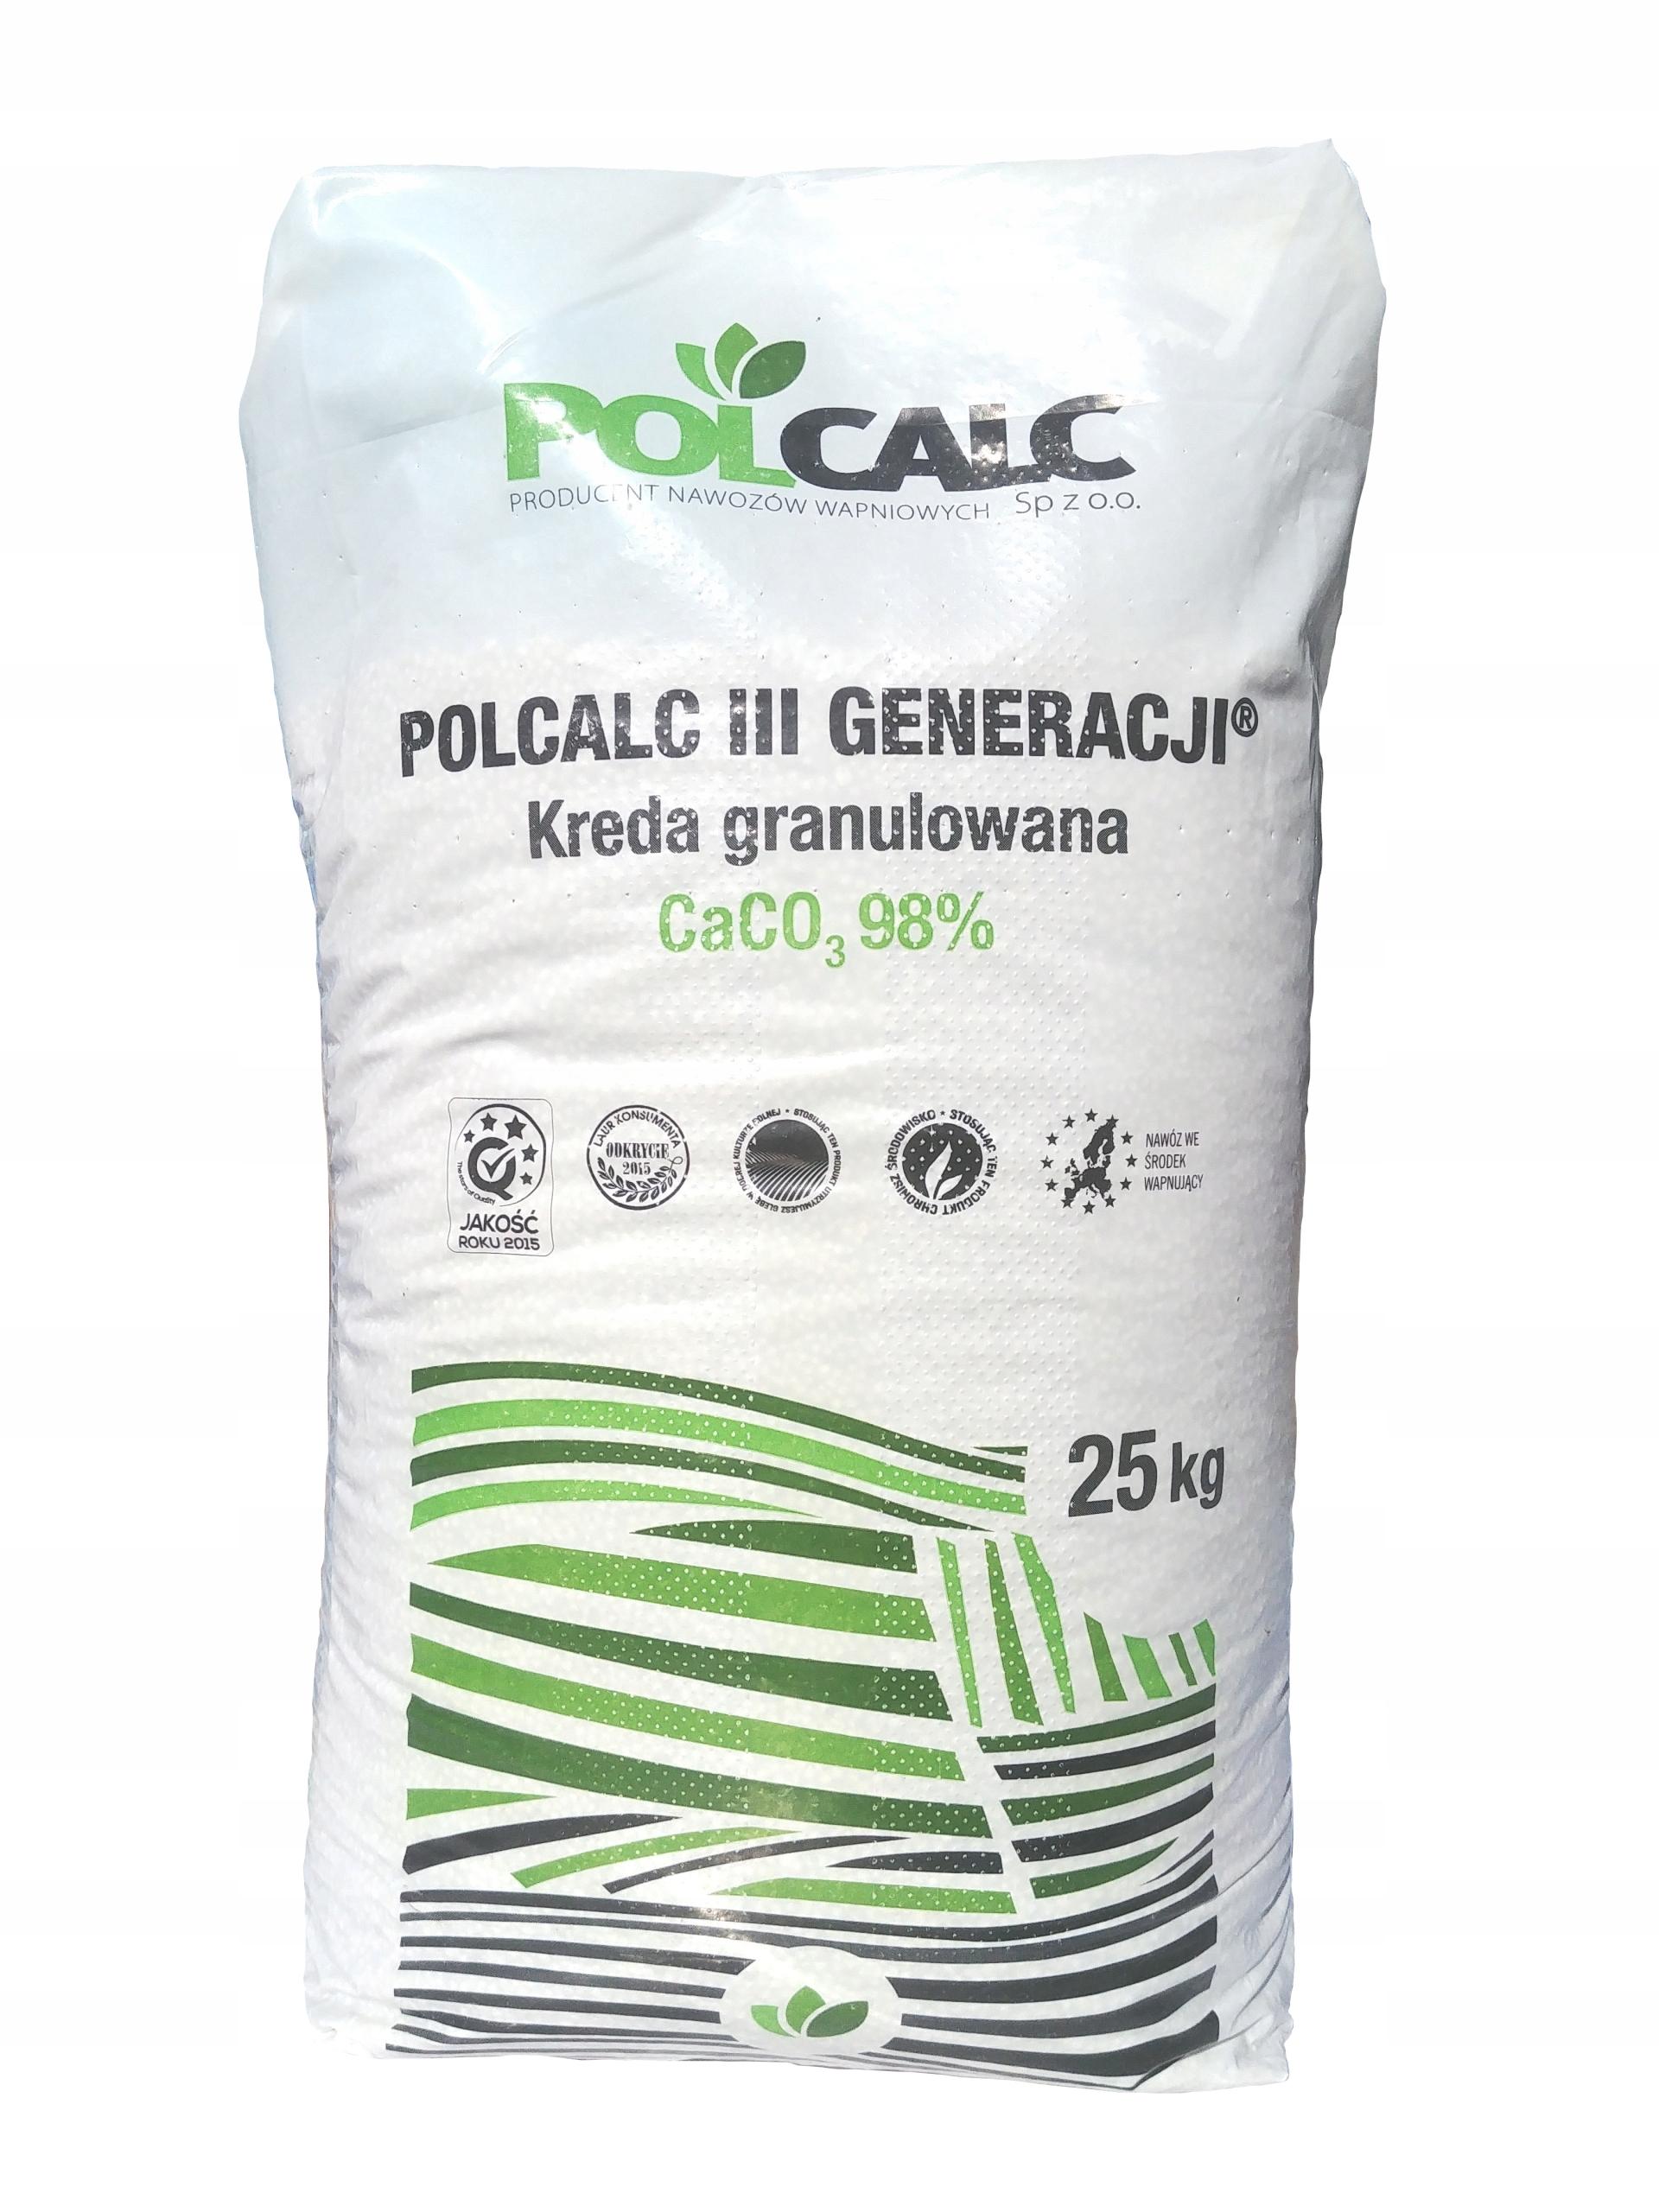 ИЗВЕСТЬ удобрение гранулированное УДОБРЕНИЕ, 93-98%CaCO3 POLCALC 25КГ